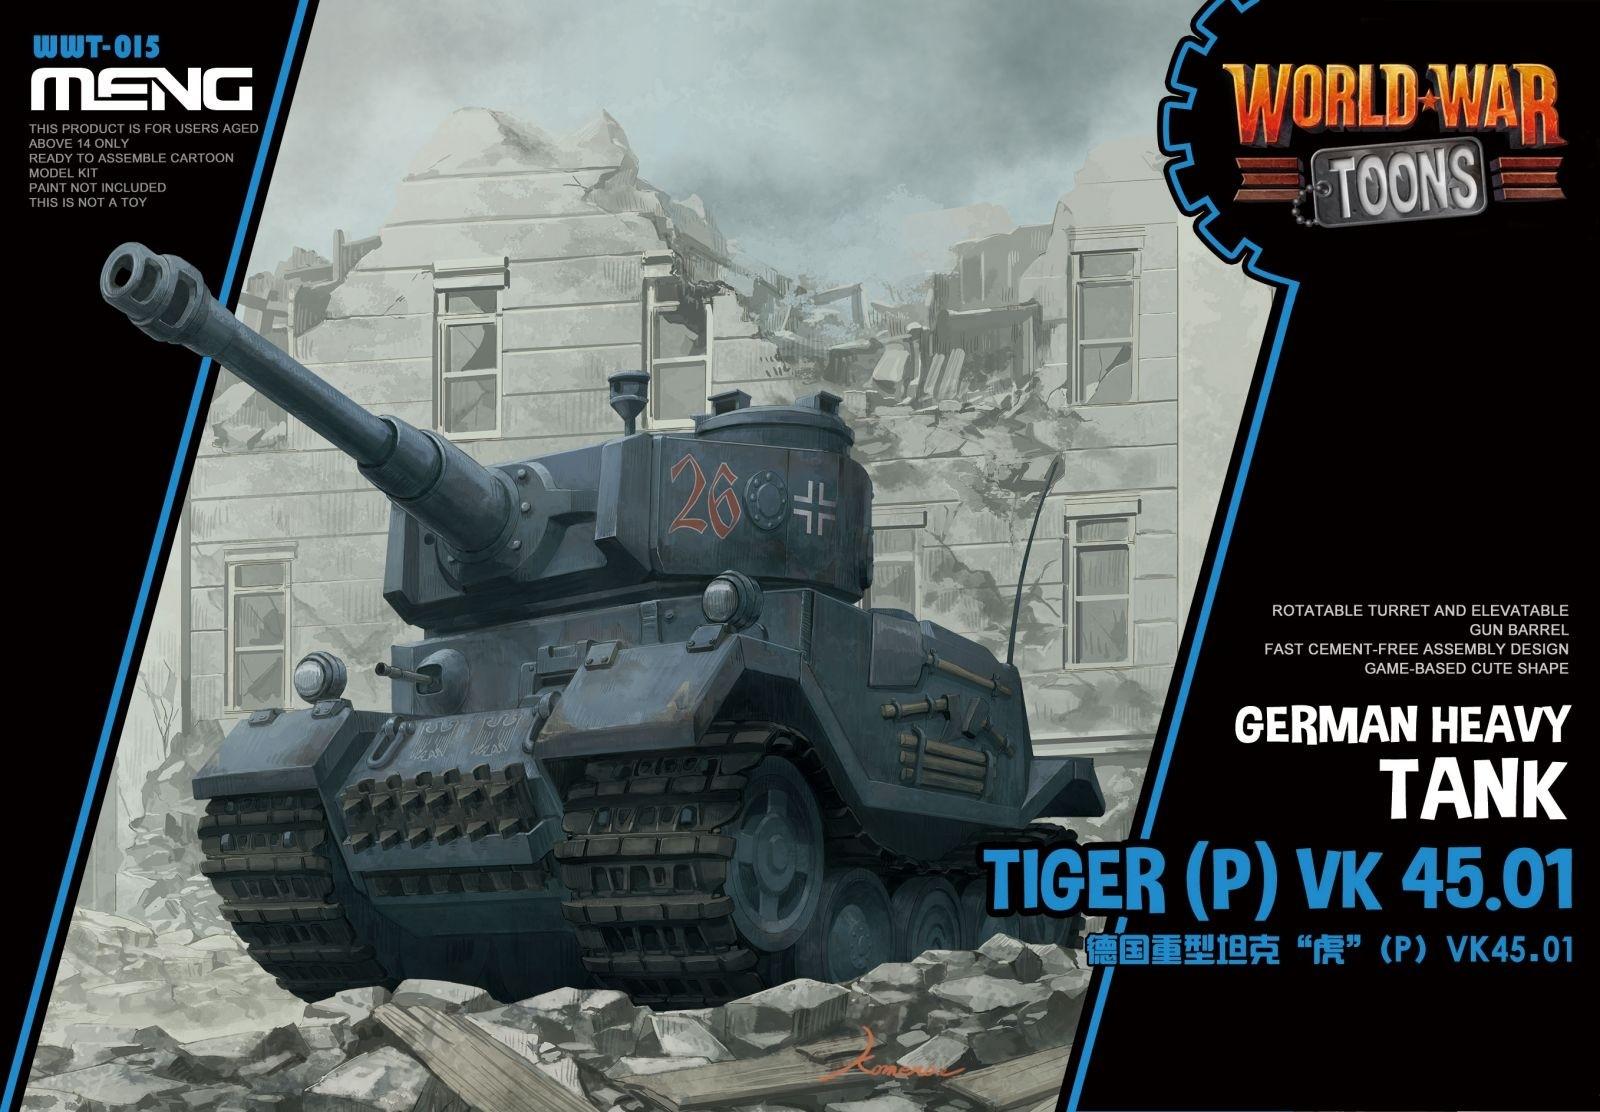 Tiger I (P) TOON